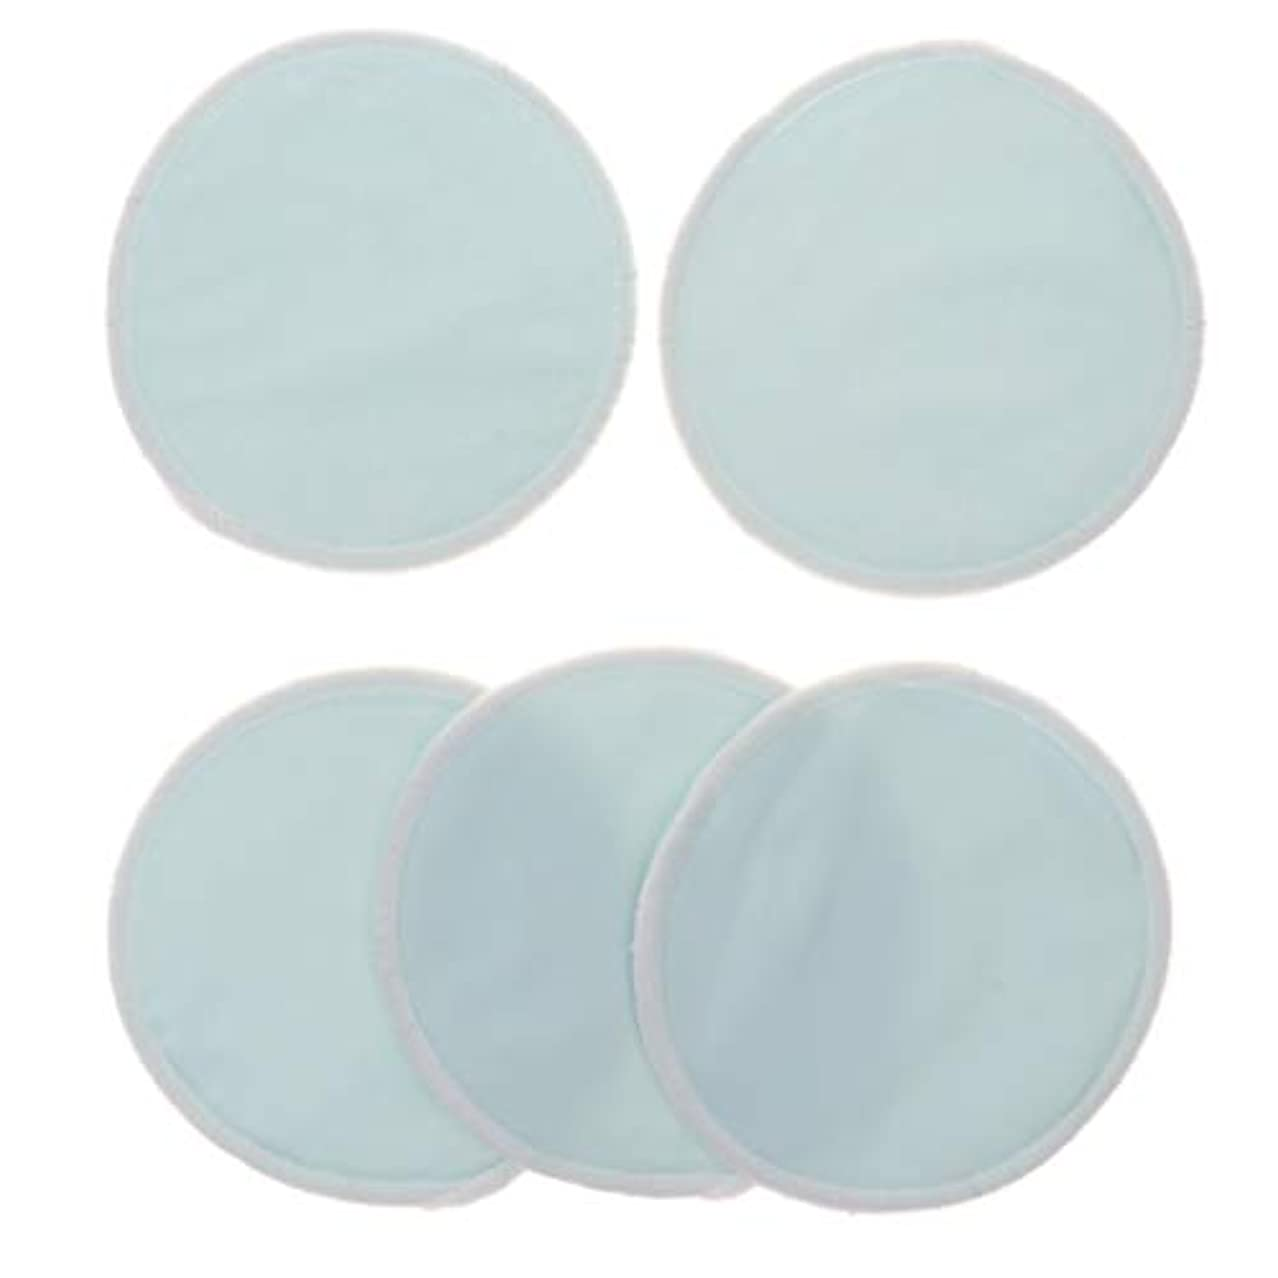 倒錯誰も伝染性5個 クレンジングシート 胸パッド 化粧用 竹繊維 円形 12cm 洗える 再使用可能 耐久性 全5色 - 青